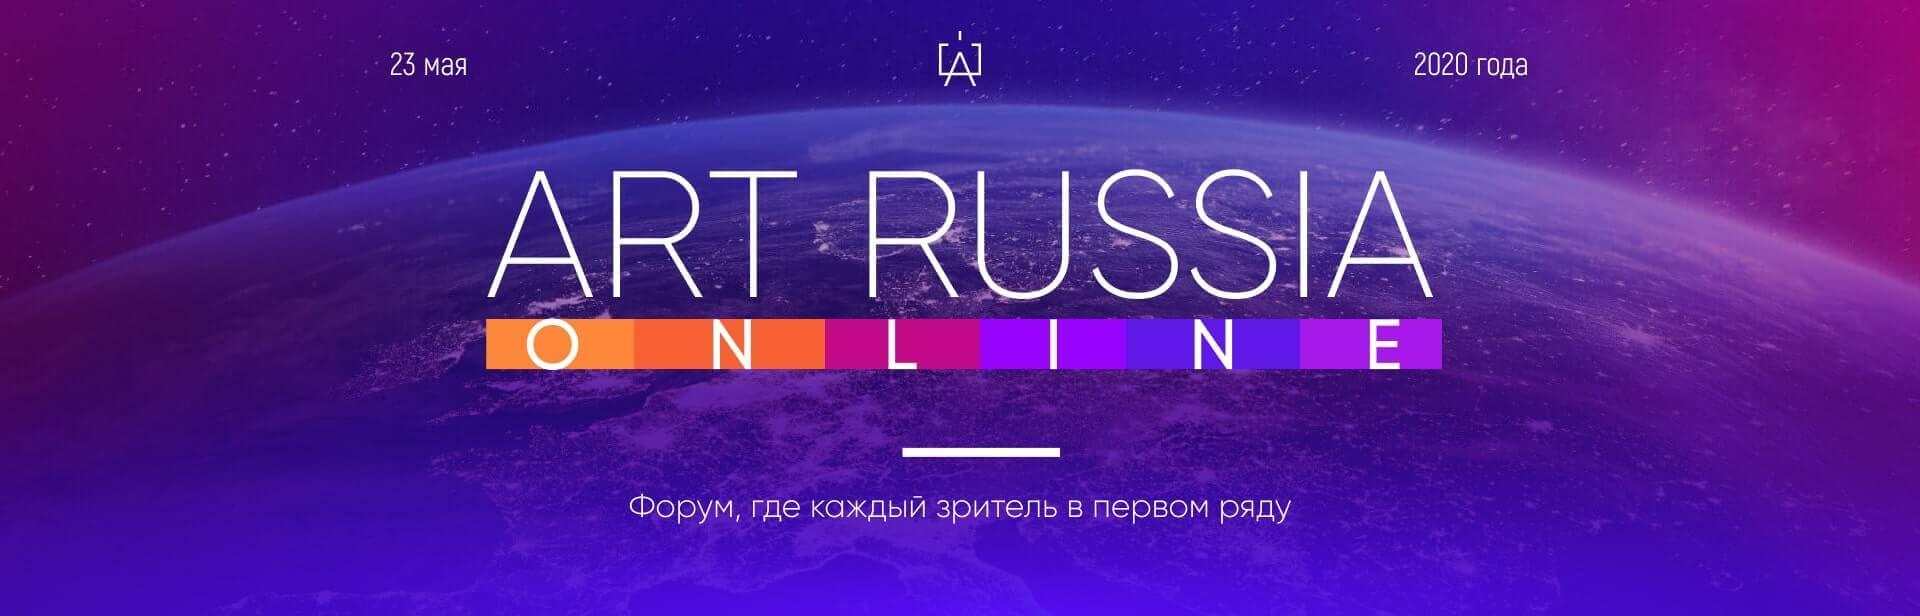 Международный арт-форум Art Russia Online Forum объединит более 80 экспертов